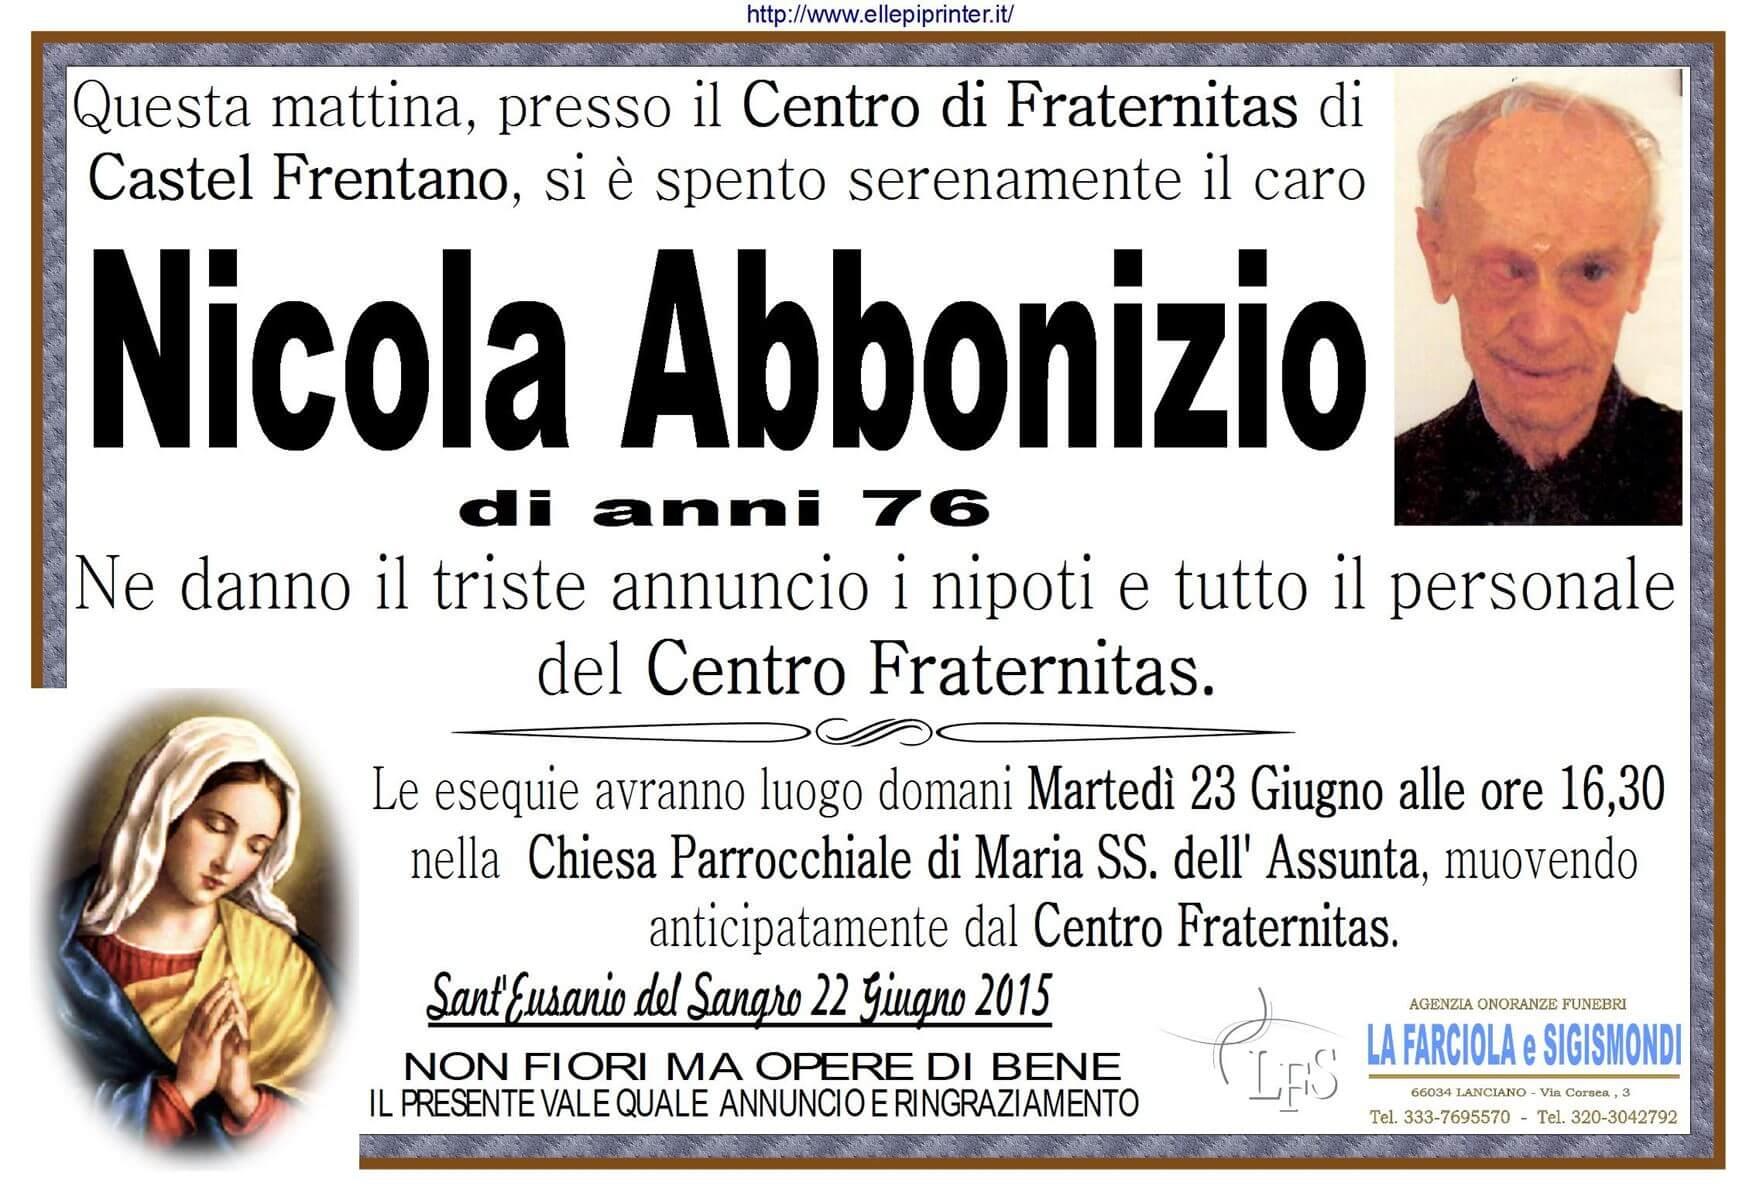 MANIFESTO ABBONIZIO